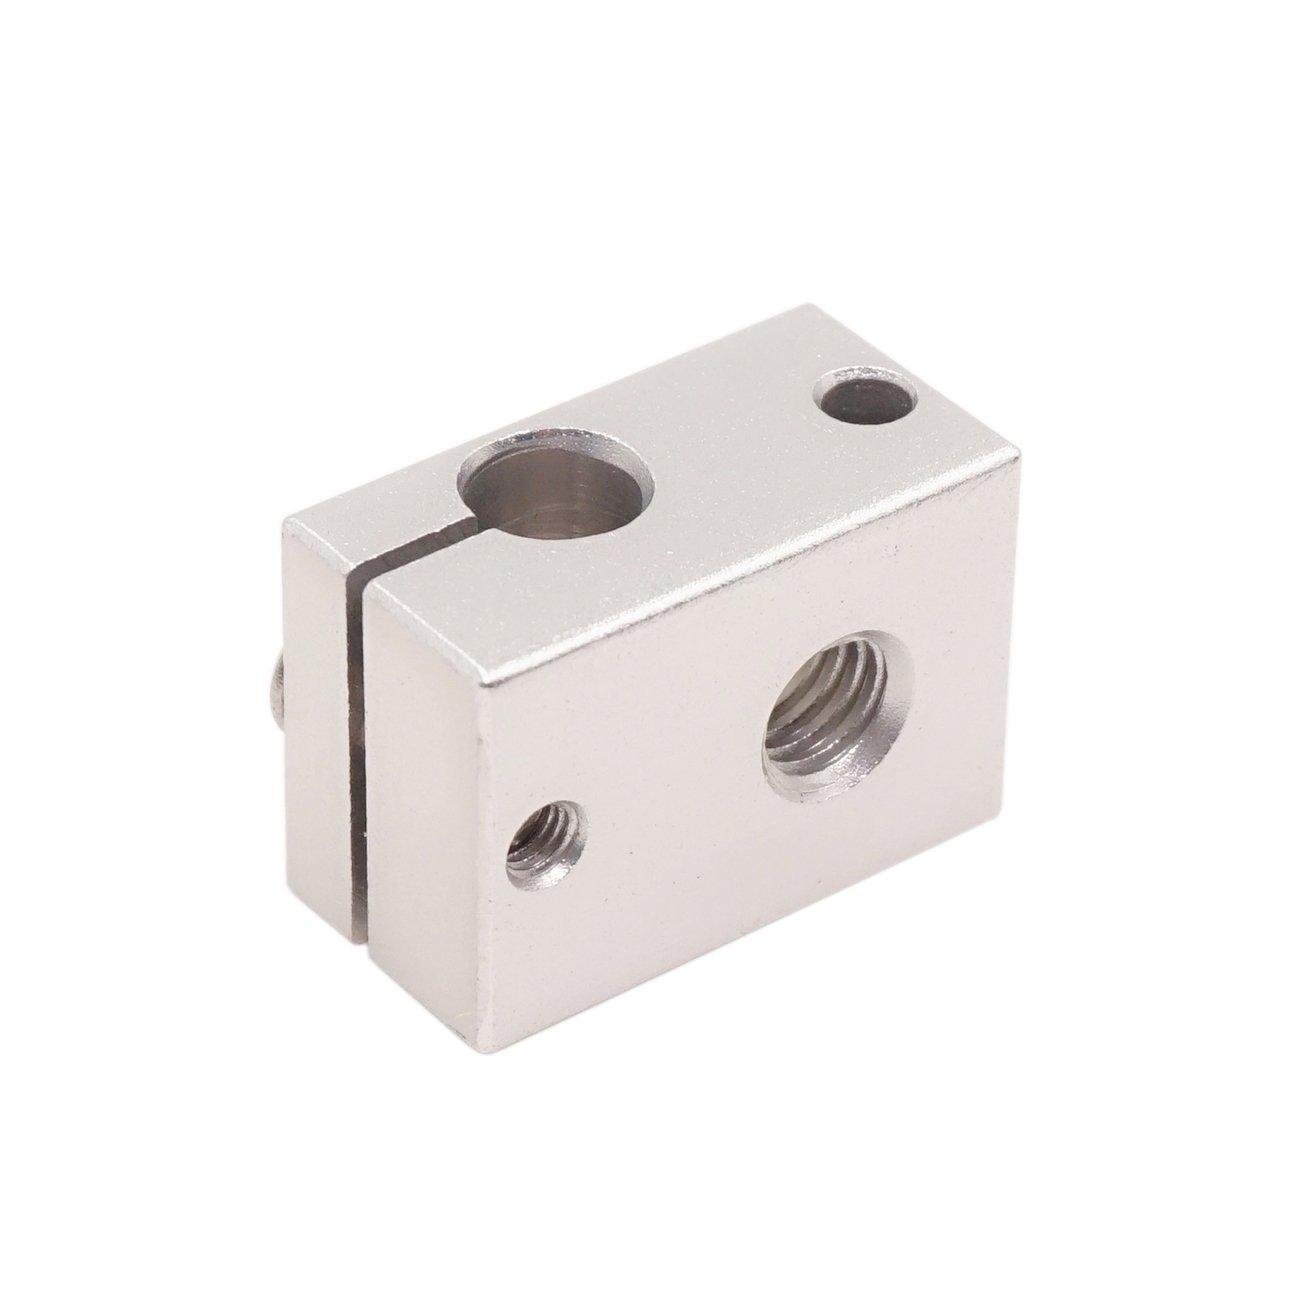 Aluminum WINSINN 3D Printer Sensor Heater Block Compatible with E3D V6 J-Head RepRap Bowden Hotend Extruder for HT-NTC100K PT100 Pack of 5Pcs